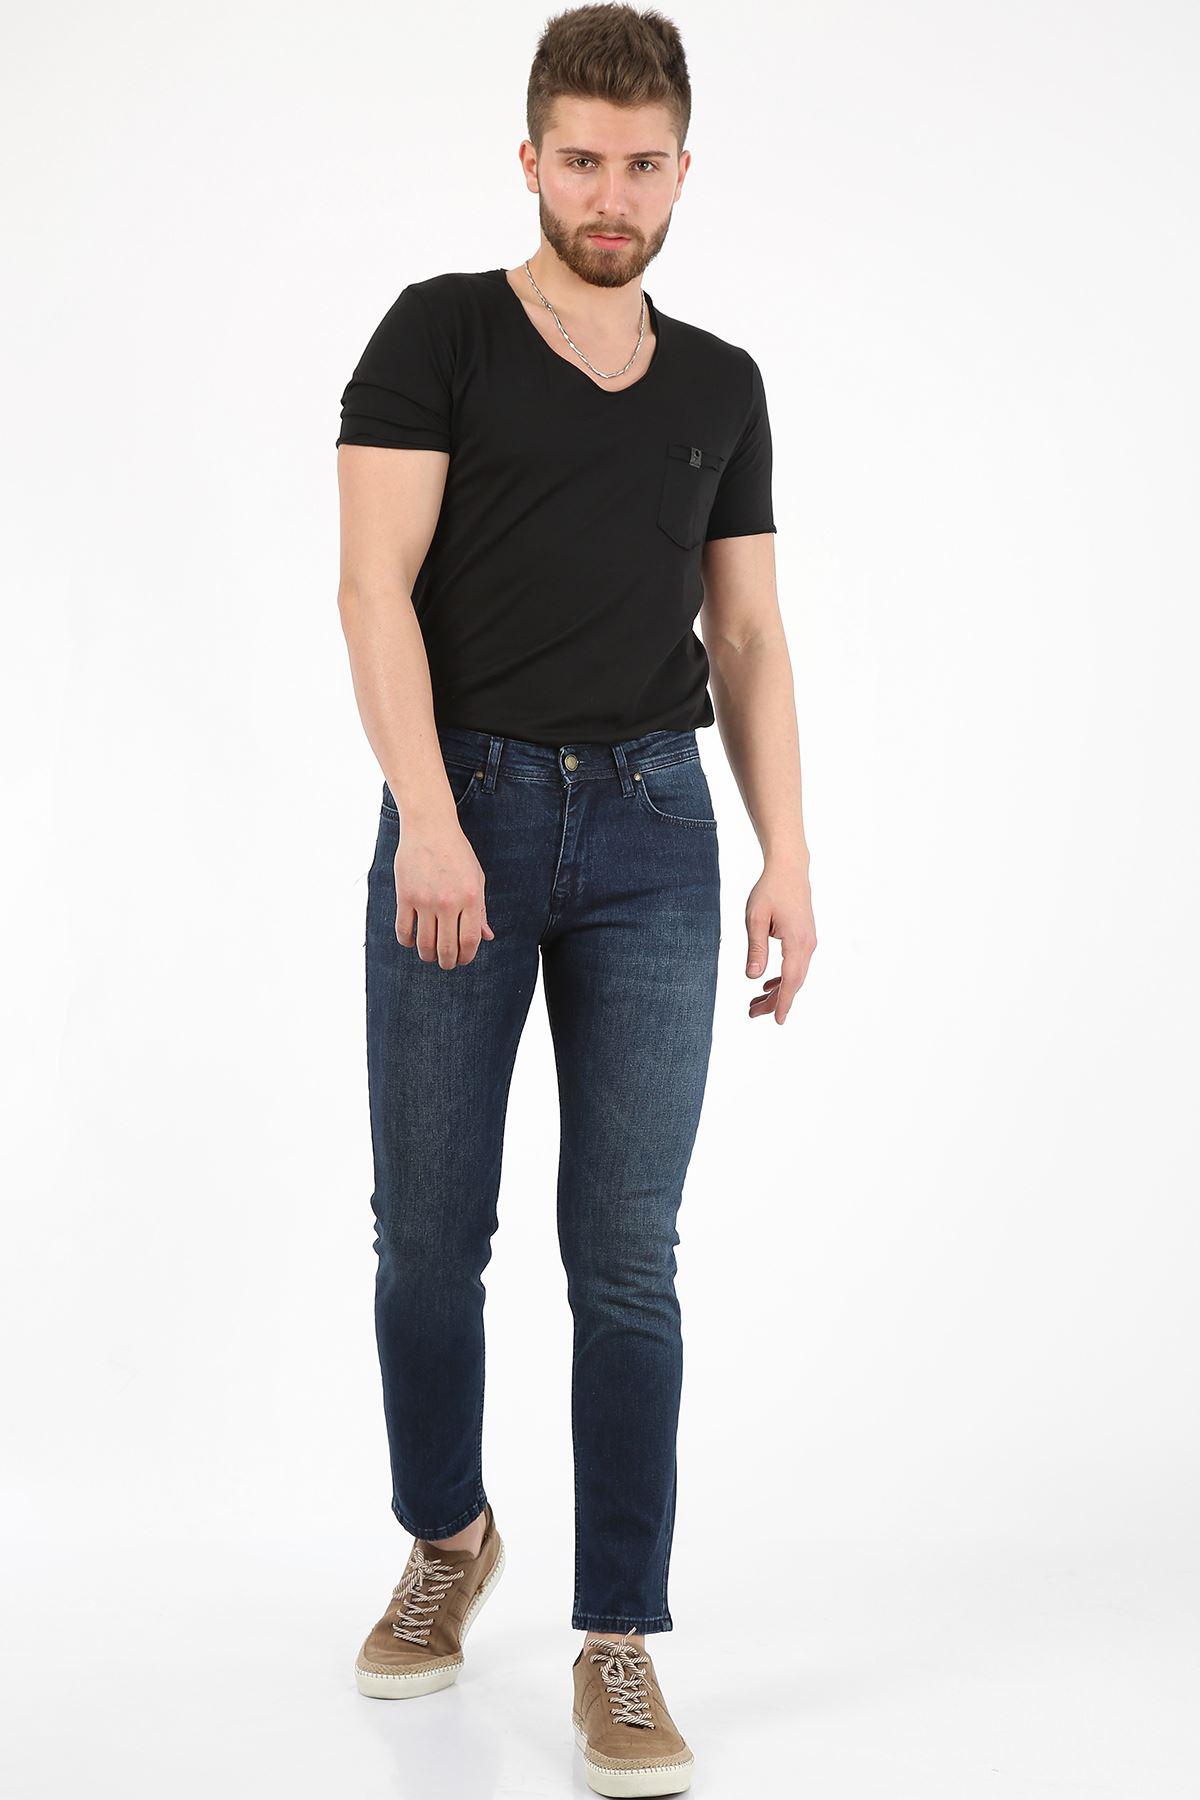 Koyu Mavi Yıpratma Slim Fit Fermuarlı Erkek Jeans Pantolon-JONAS